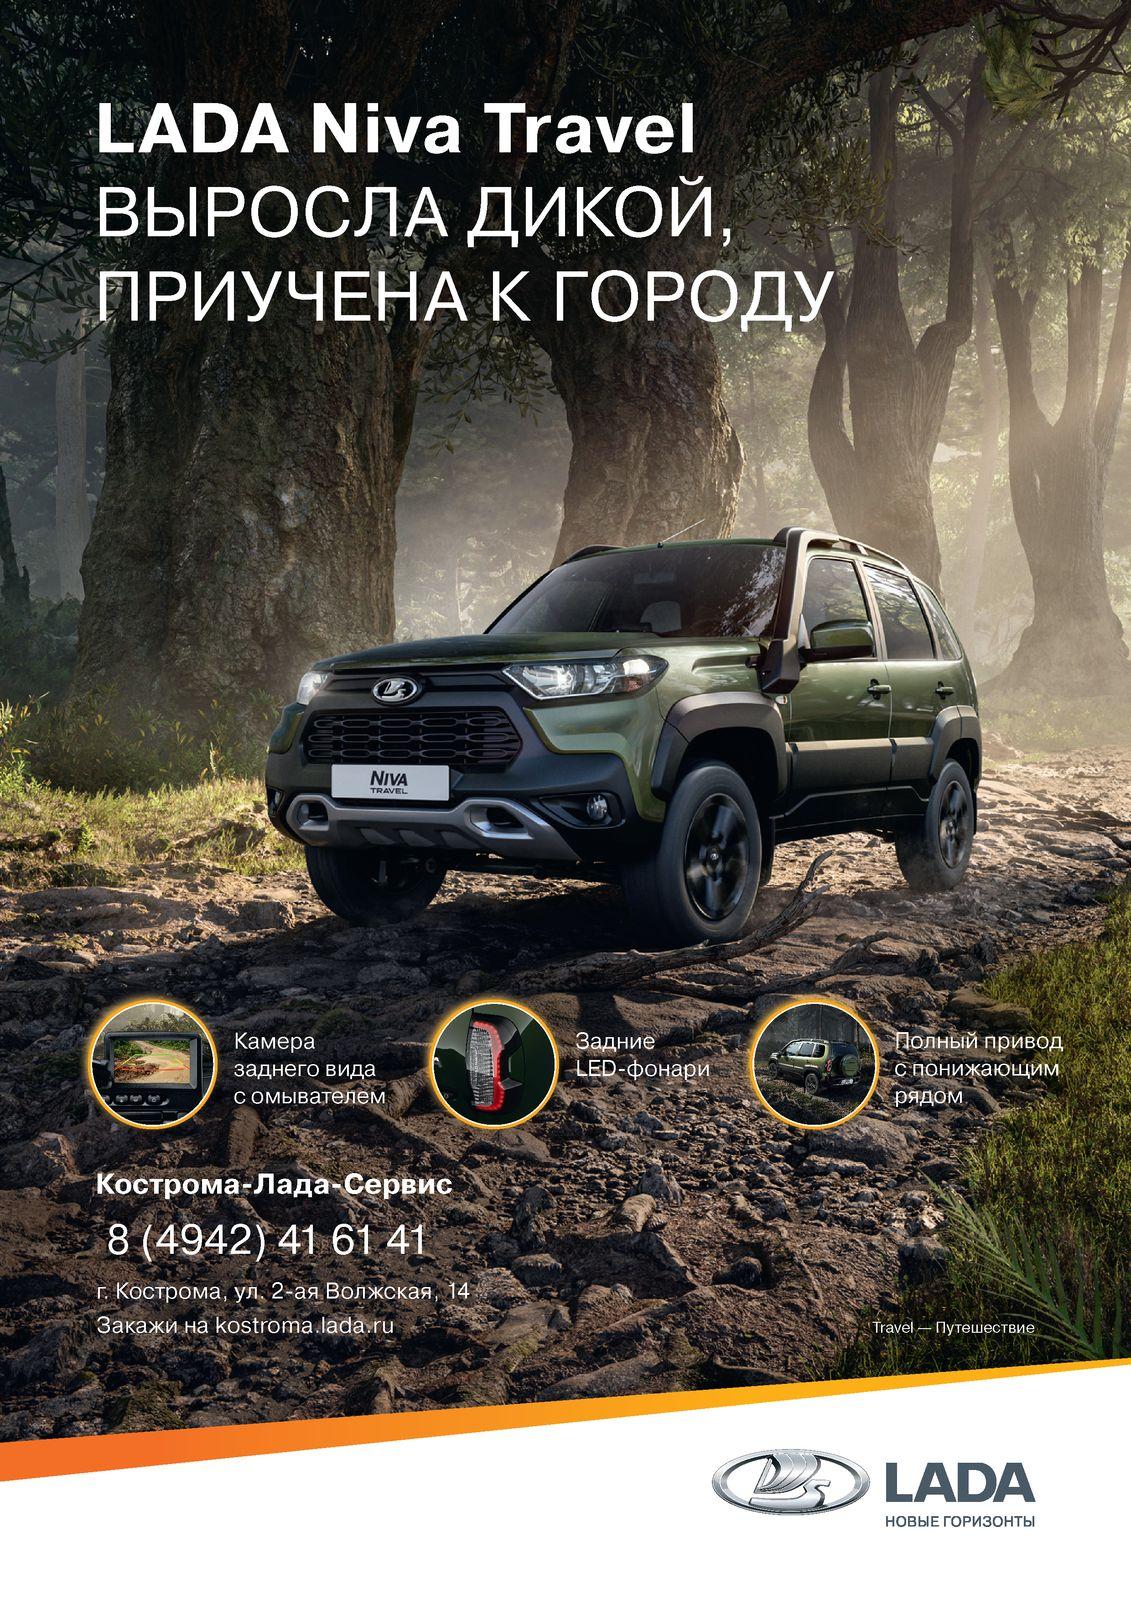 Новая LADA Niva Travel от 762900 руб. в апреле. Выросла дикой, приучена к городу